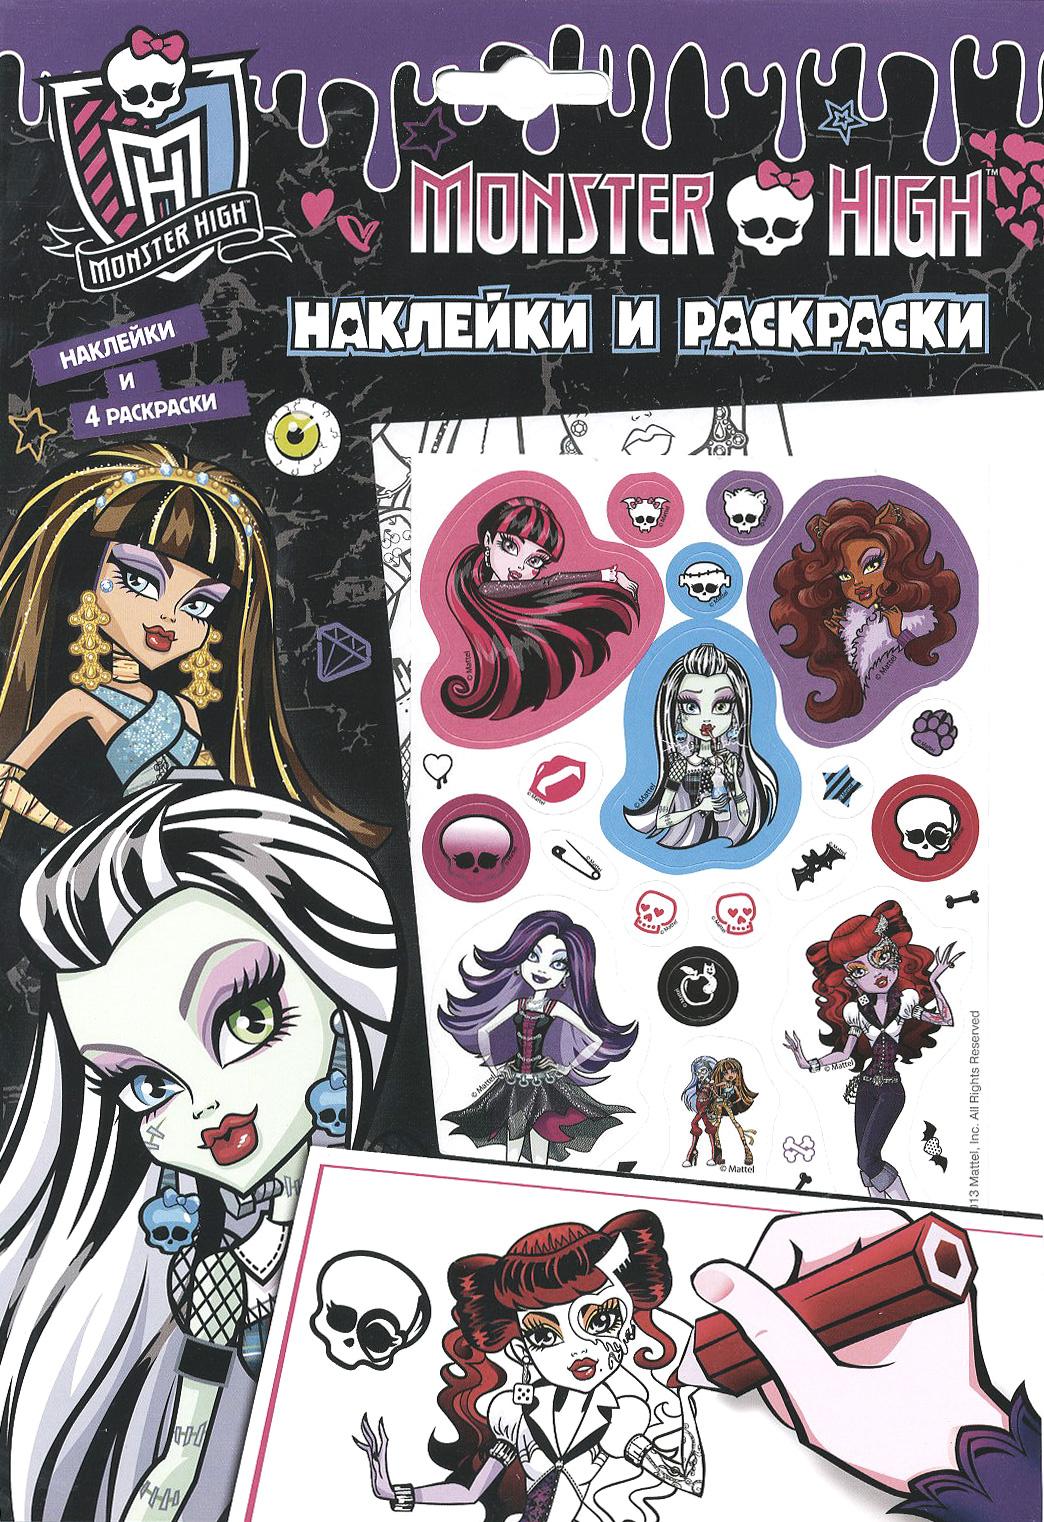 Monster High Monster High.Наклейки и раскраски детские наклейки монстер хай monster high альбом наклеек